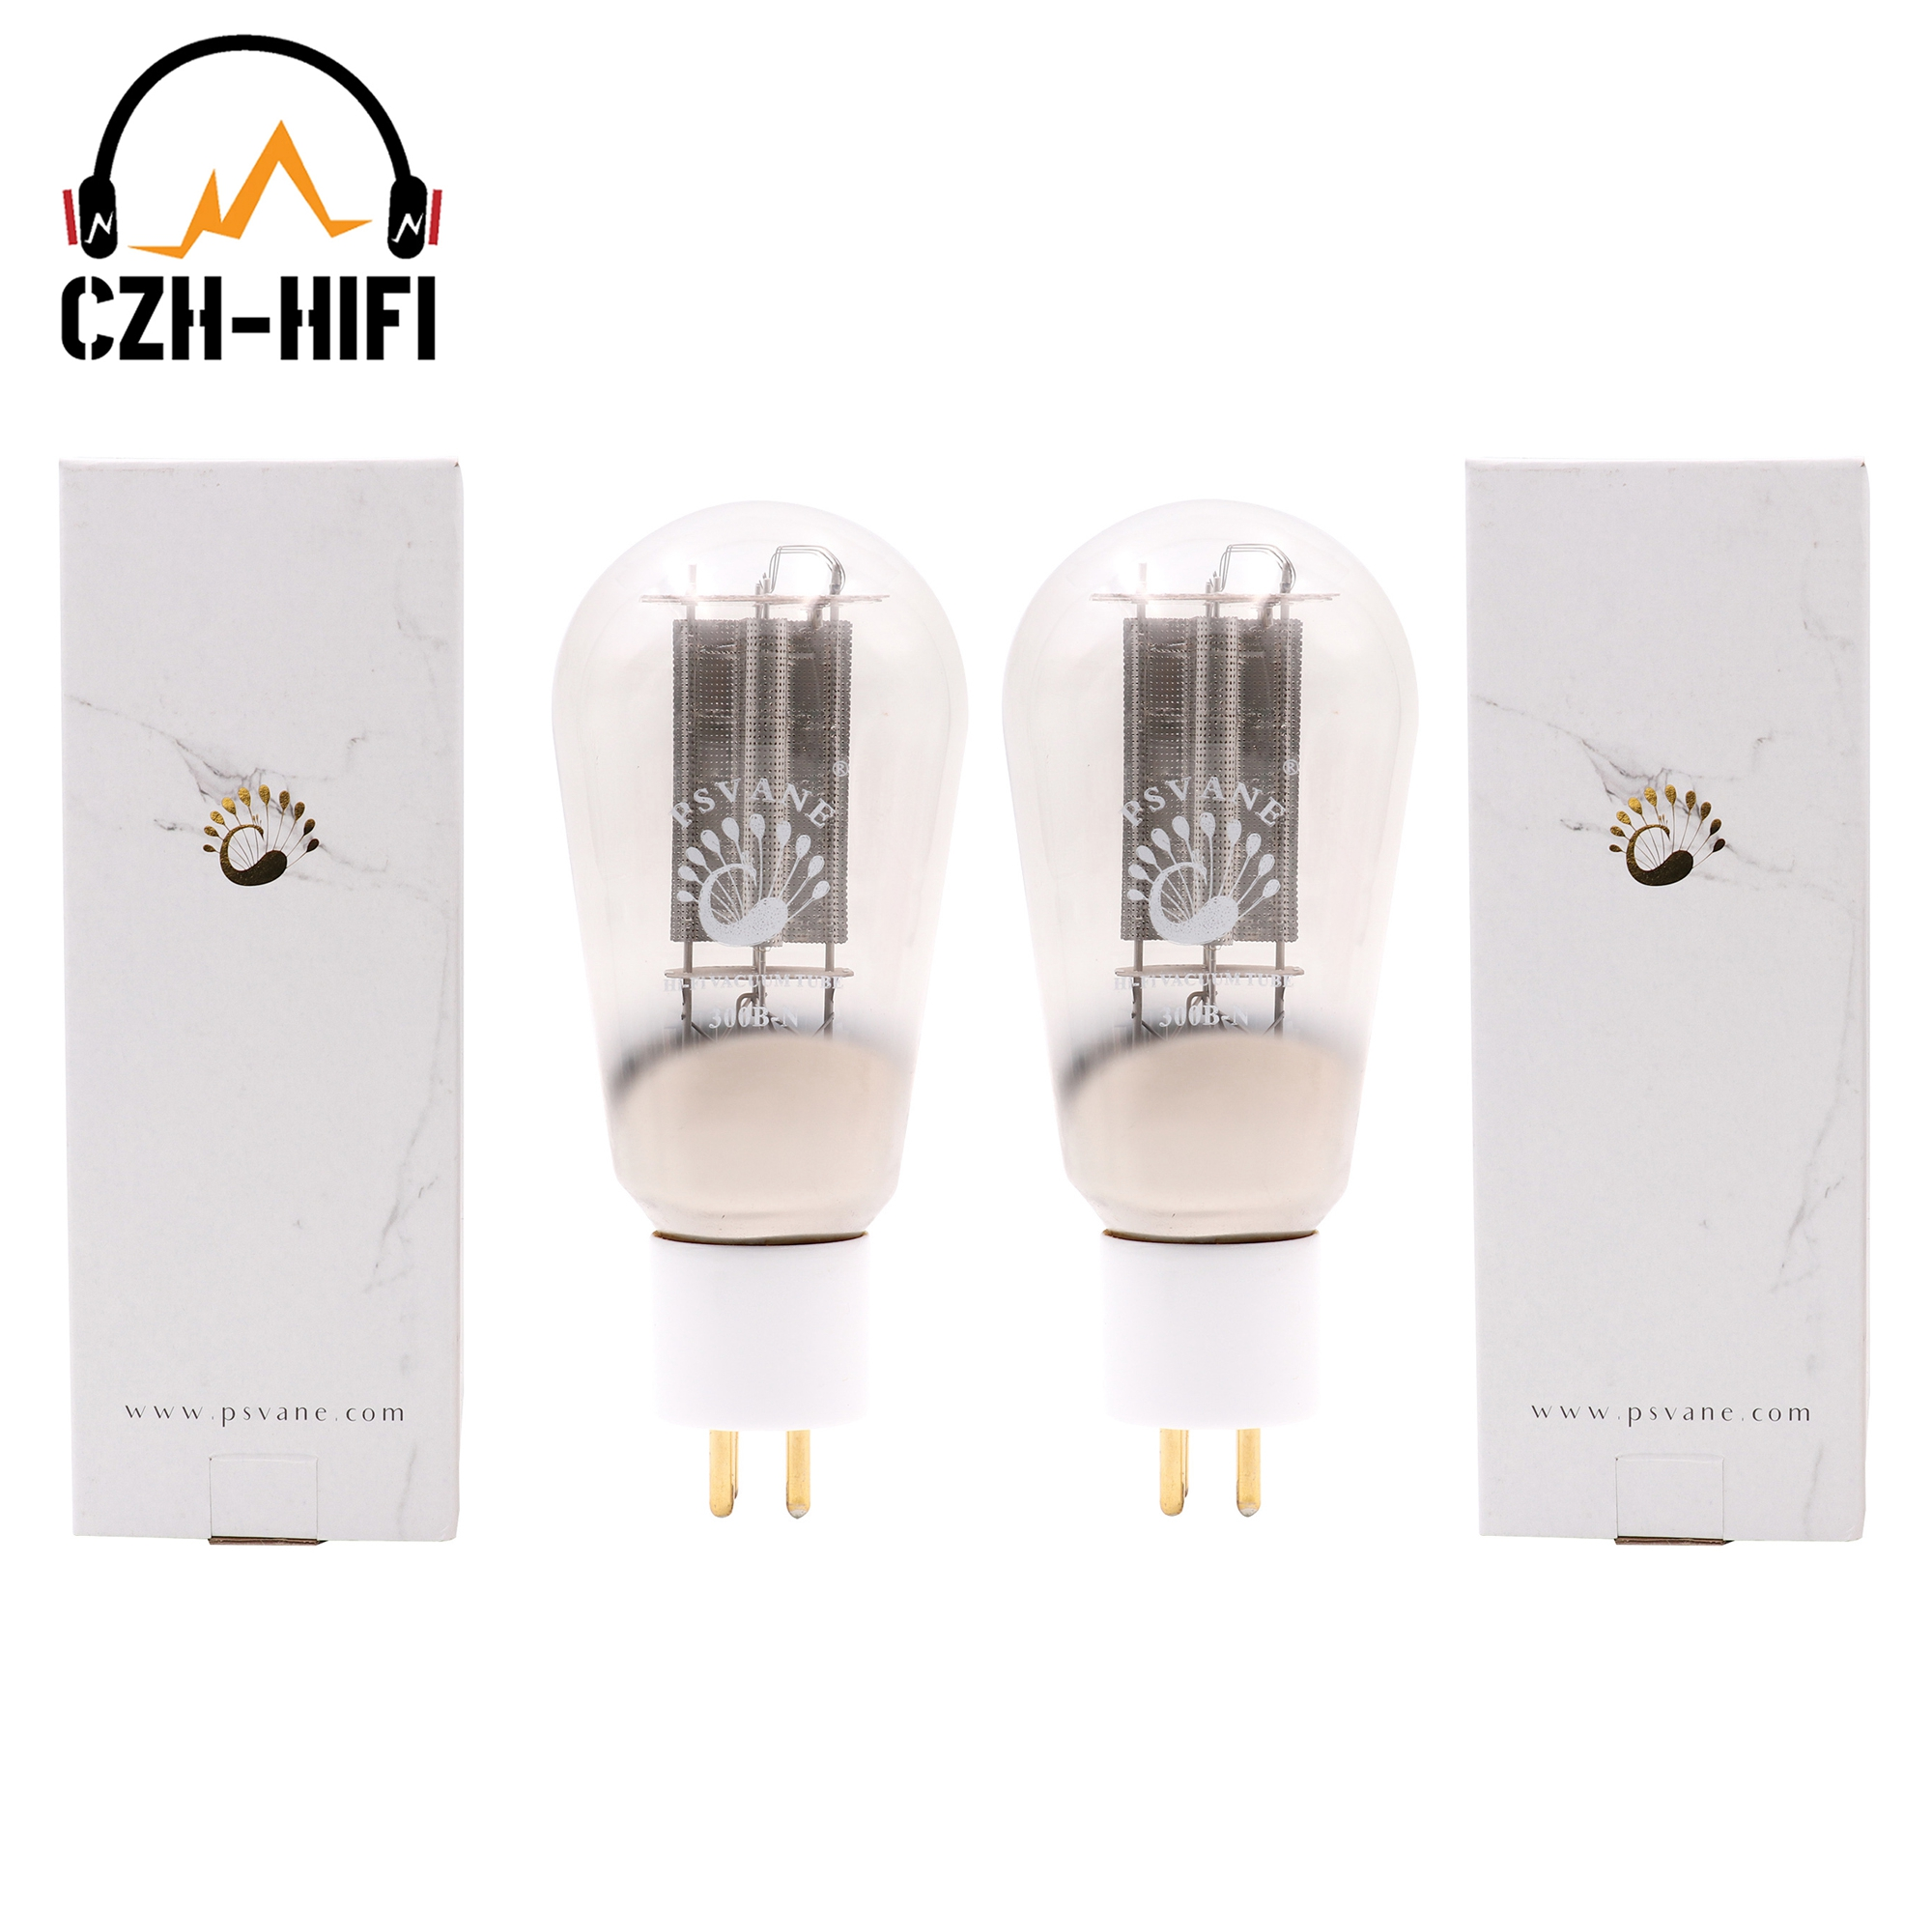 Оригинальный абсолютно новый Psvane HiFi 300B/n вакуумная трубка 300B электронный клапан Замена другого бренда 300B винтажный аудио усилитель DIY